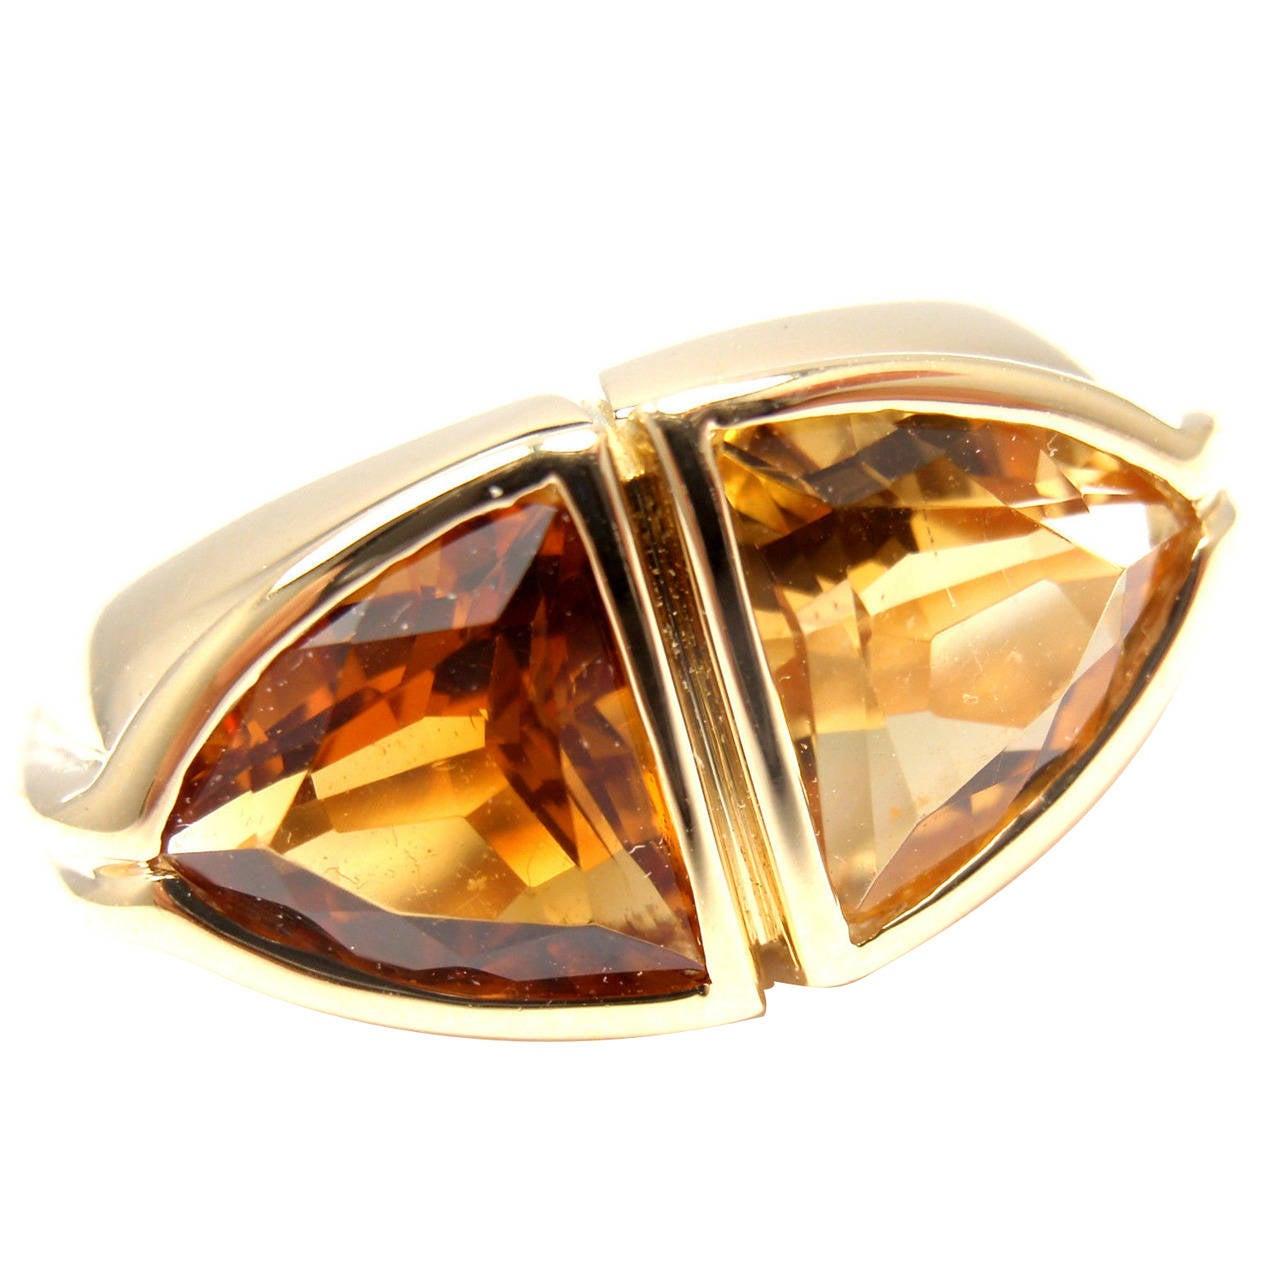 bulgari citrine golden topaz gold ring at 1stdibs